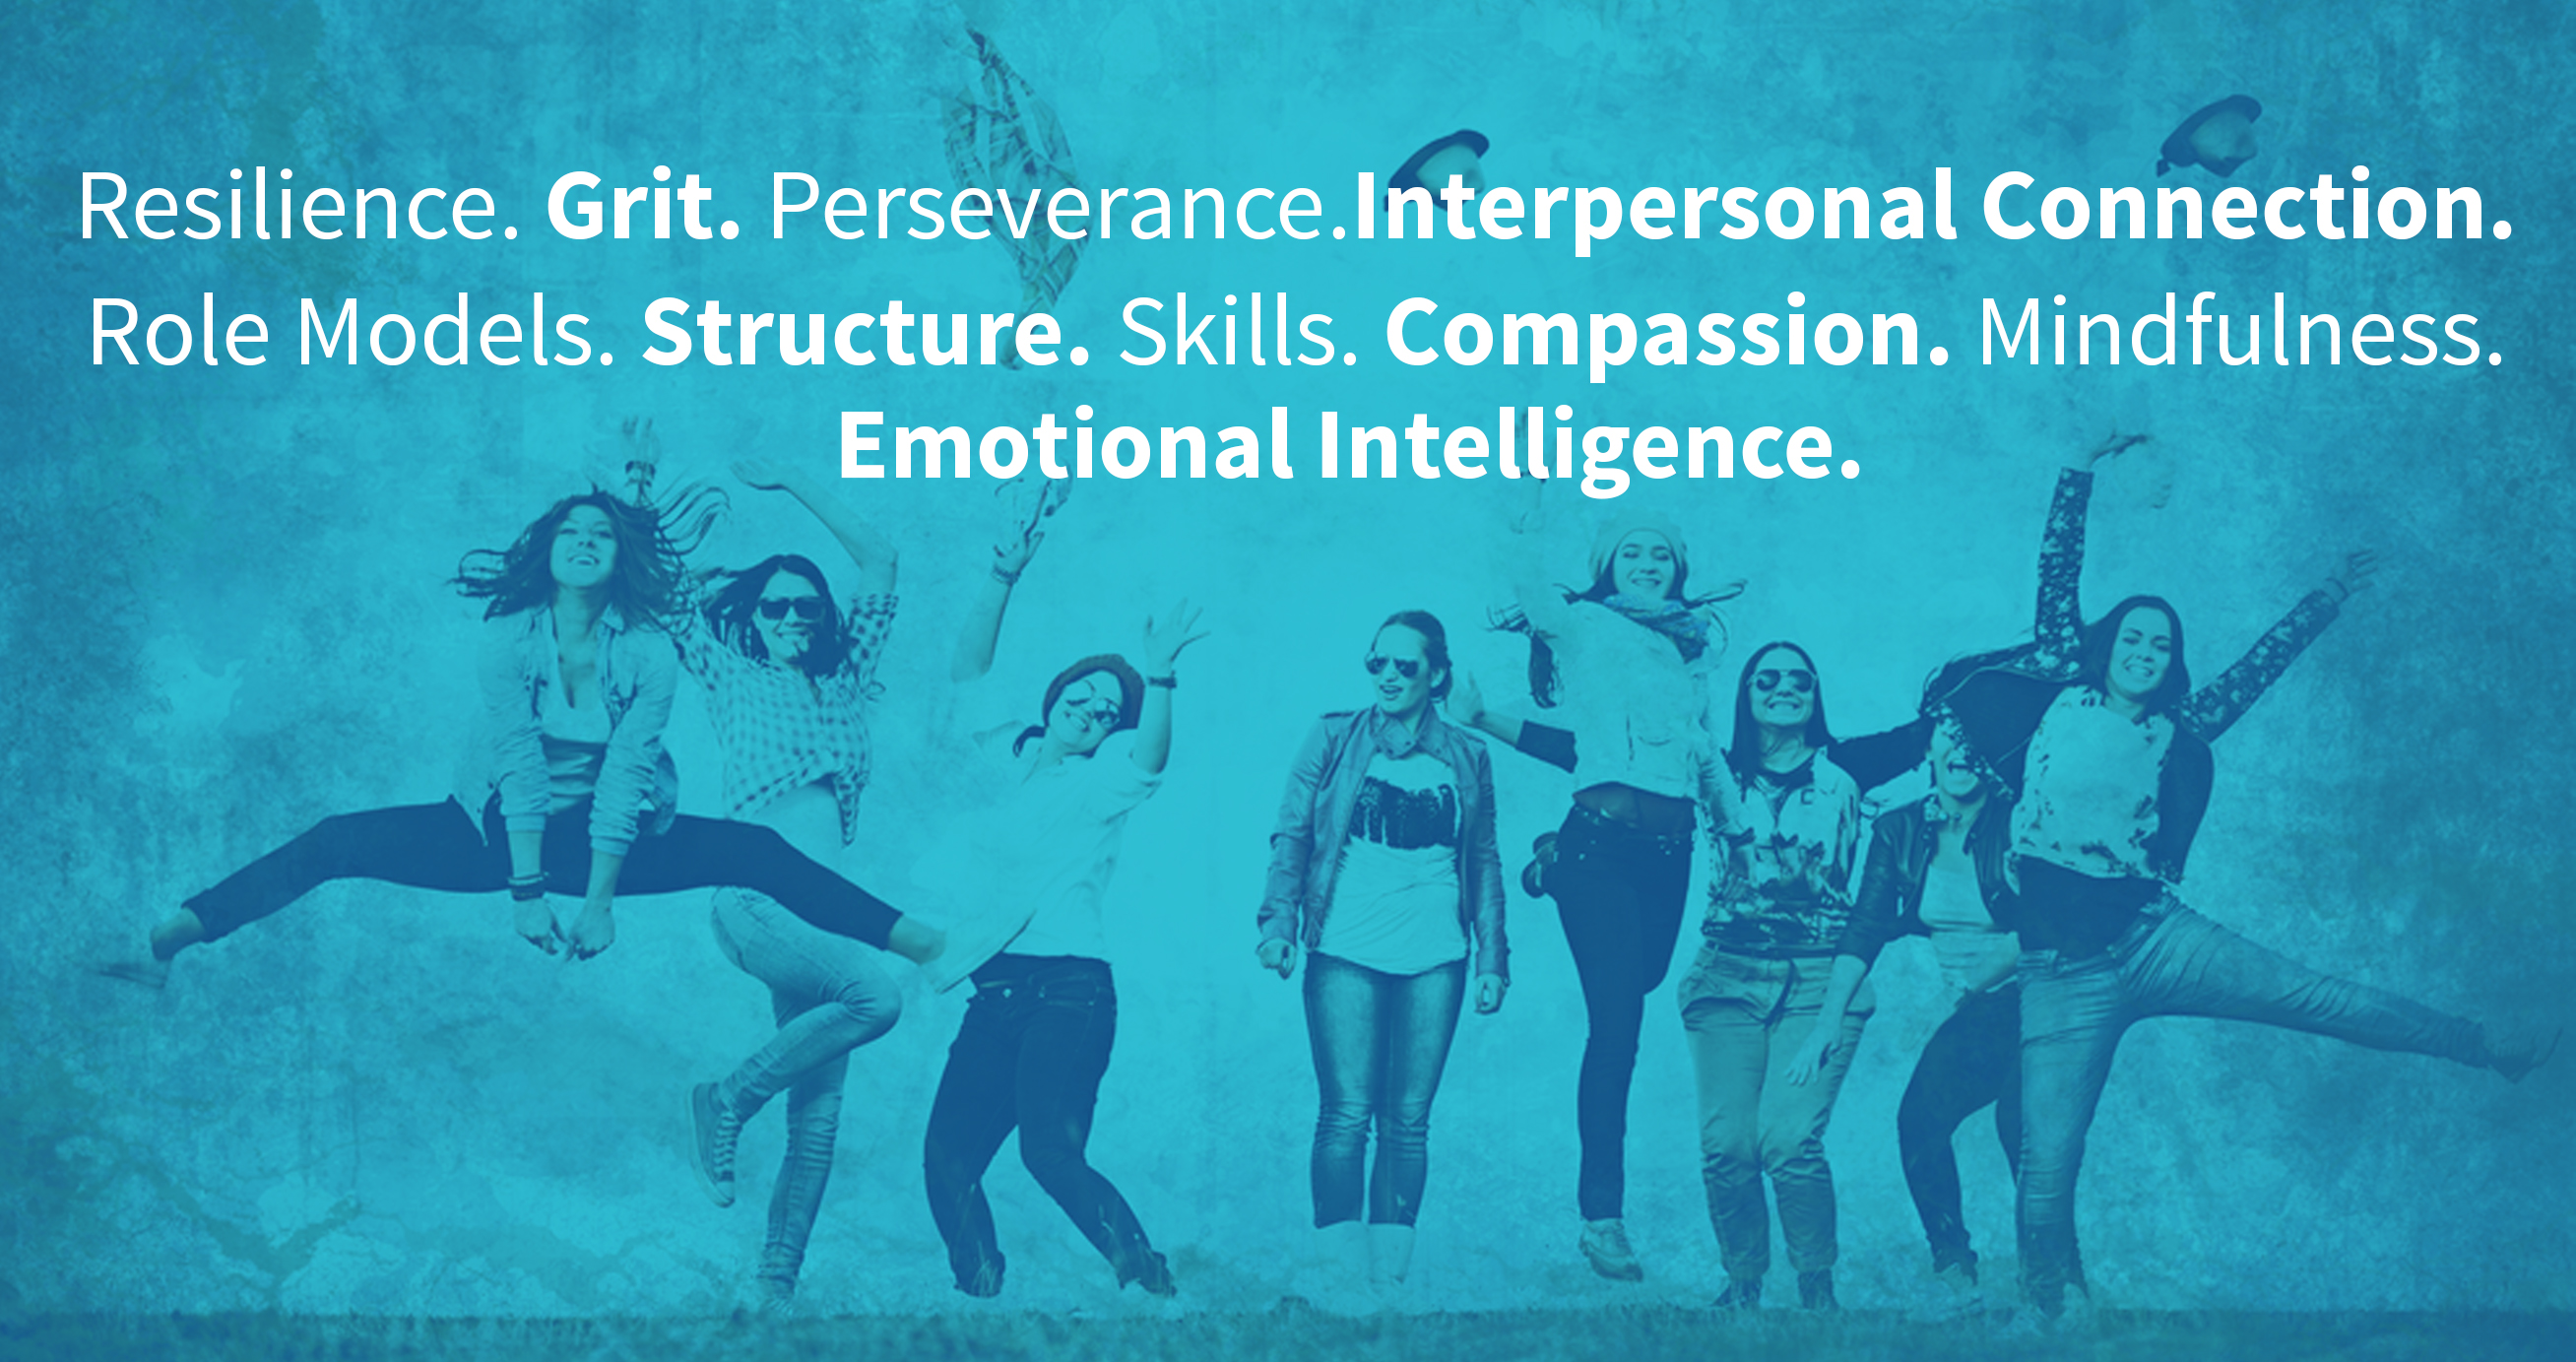 Emotional intelligence. bodimojo.com